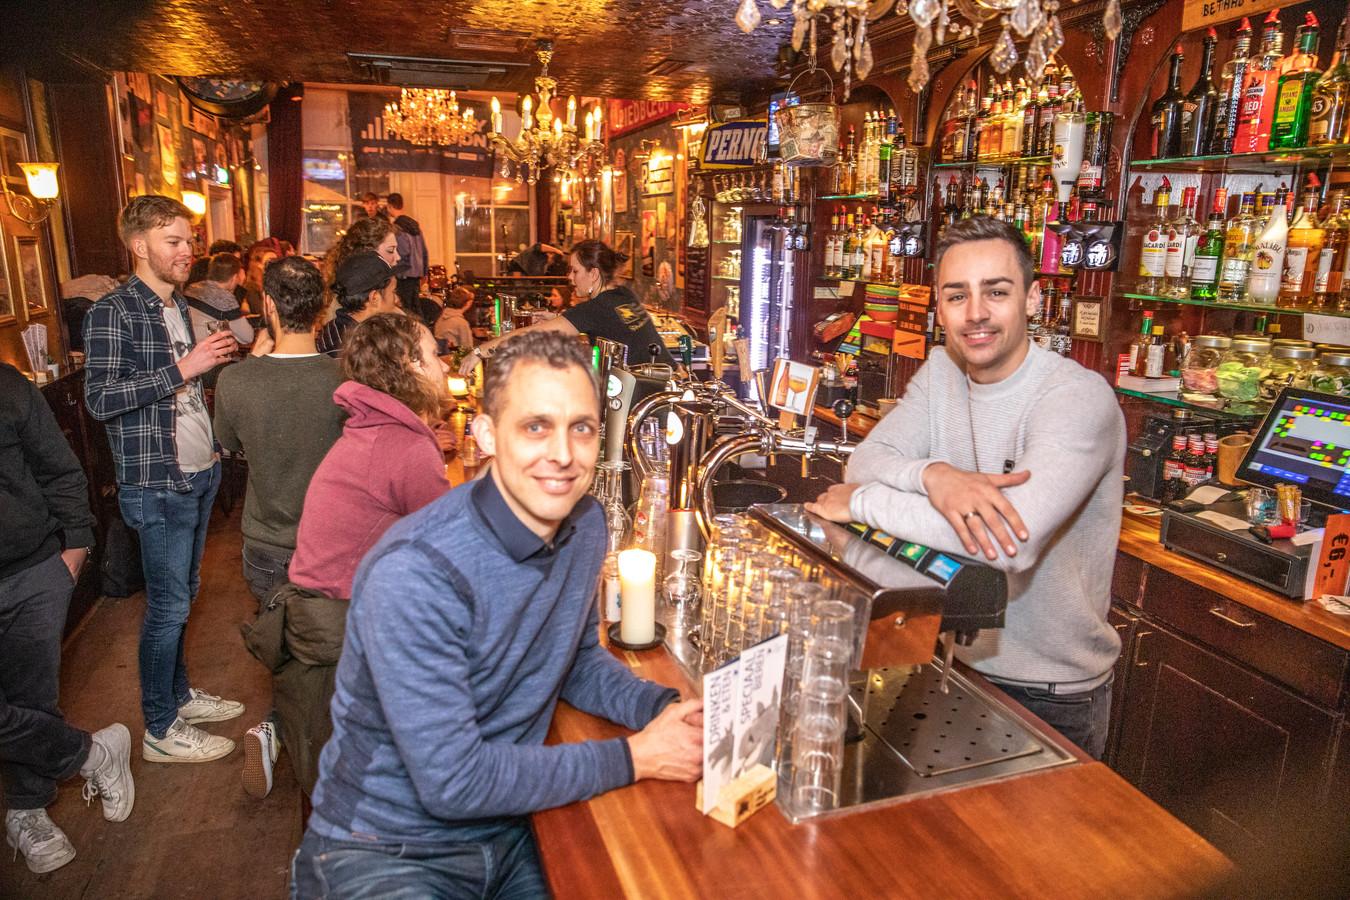 Dennis Kaatman (links) en Elroy Modderman achter bij de bar in het Vliegende Paard. Archieffoto.